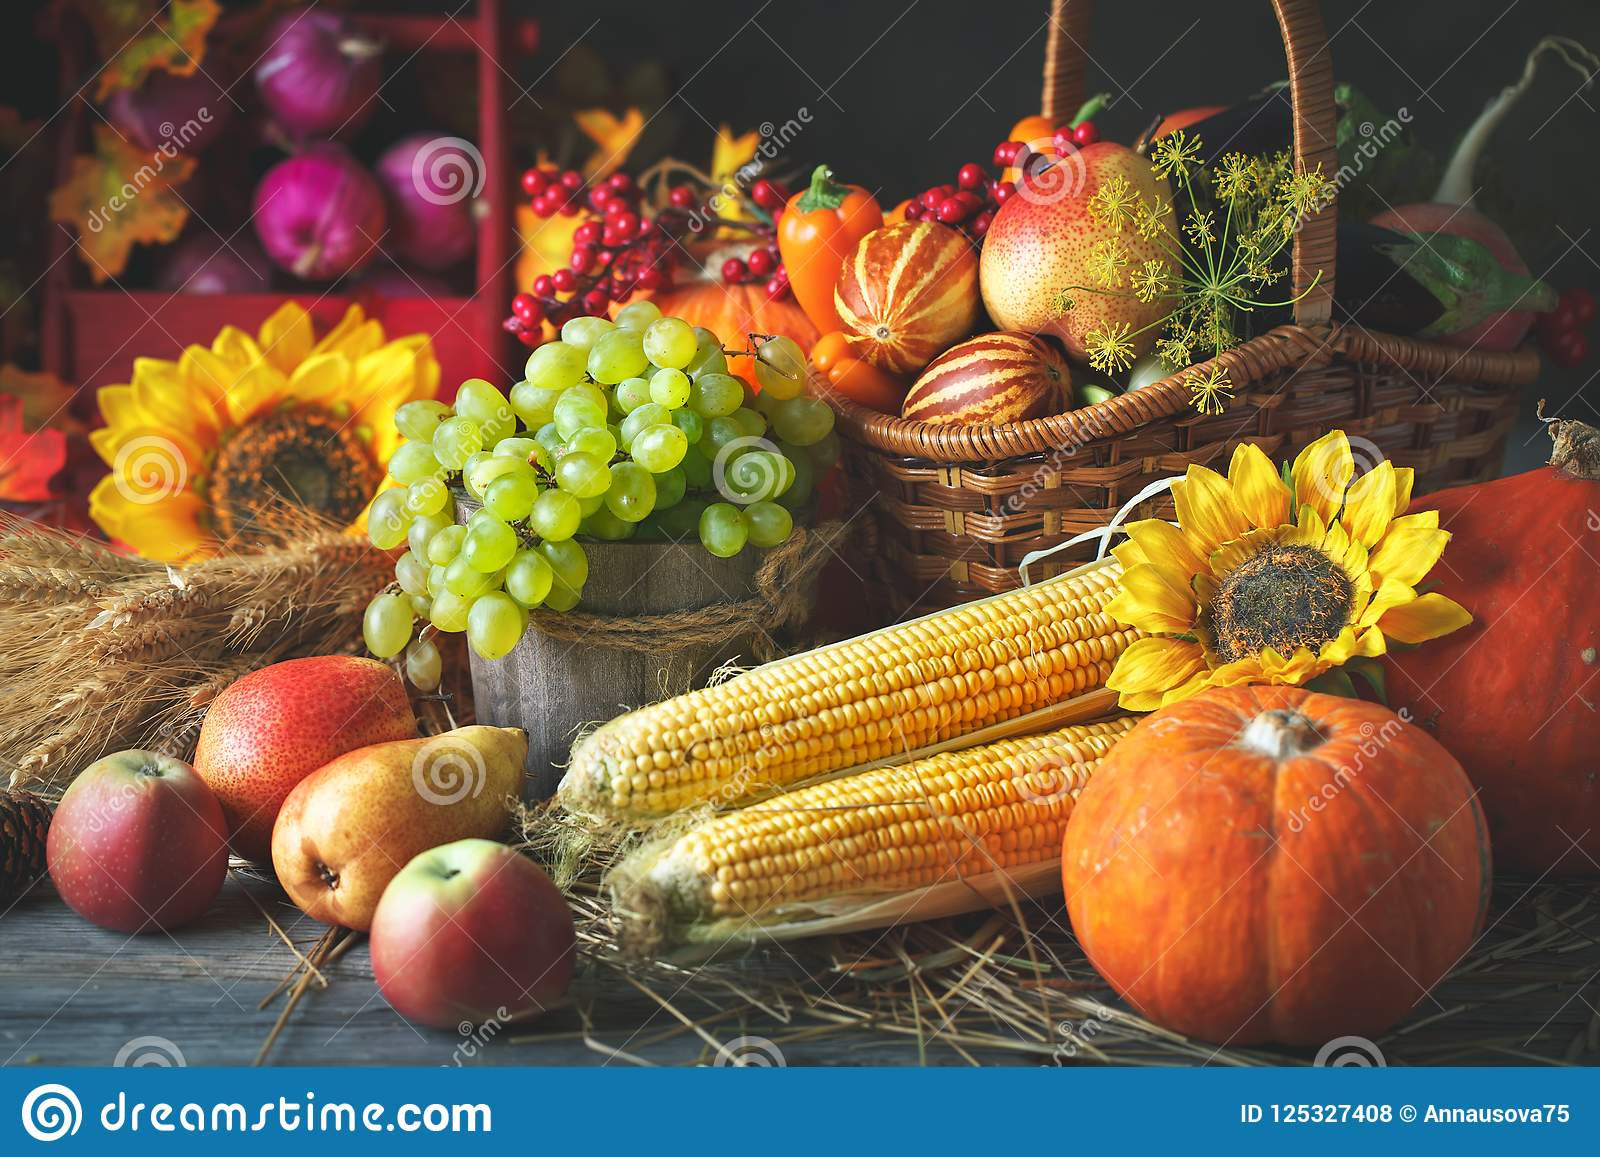 Fondo feliz del día de la acción de gracias, tabla de madera adornada con las calabazas, maíz, frutas y hojas de otoño cosecha